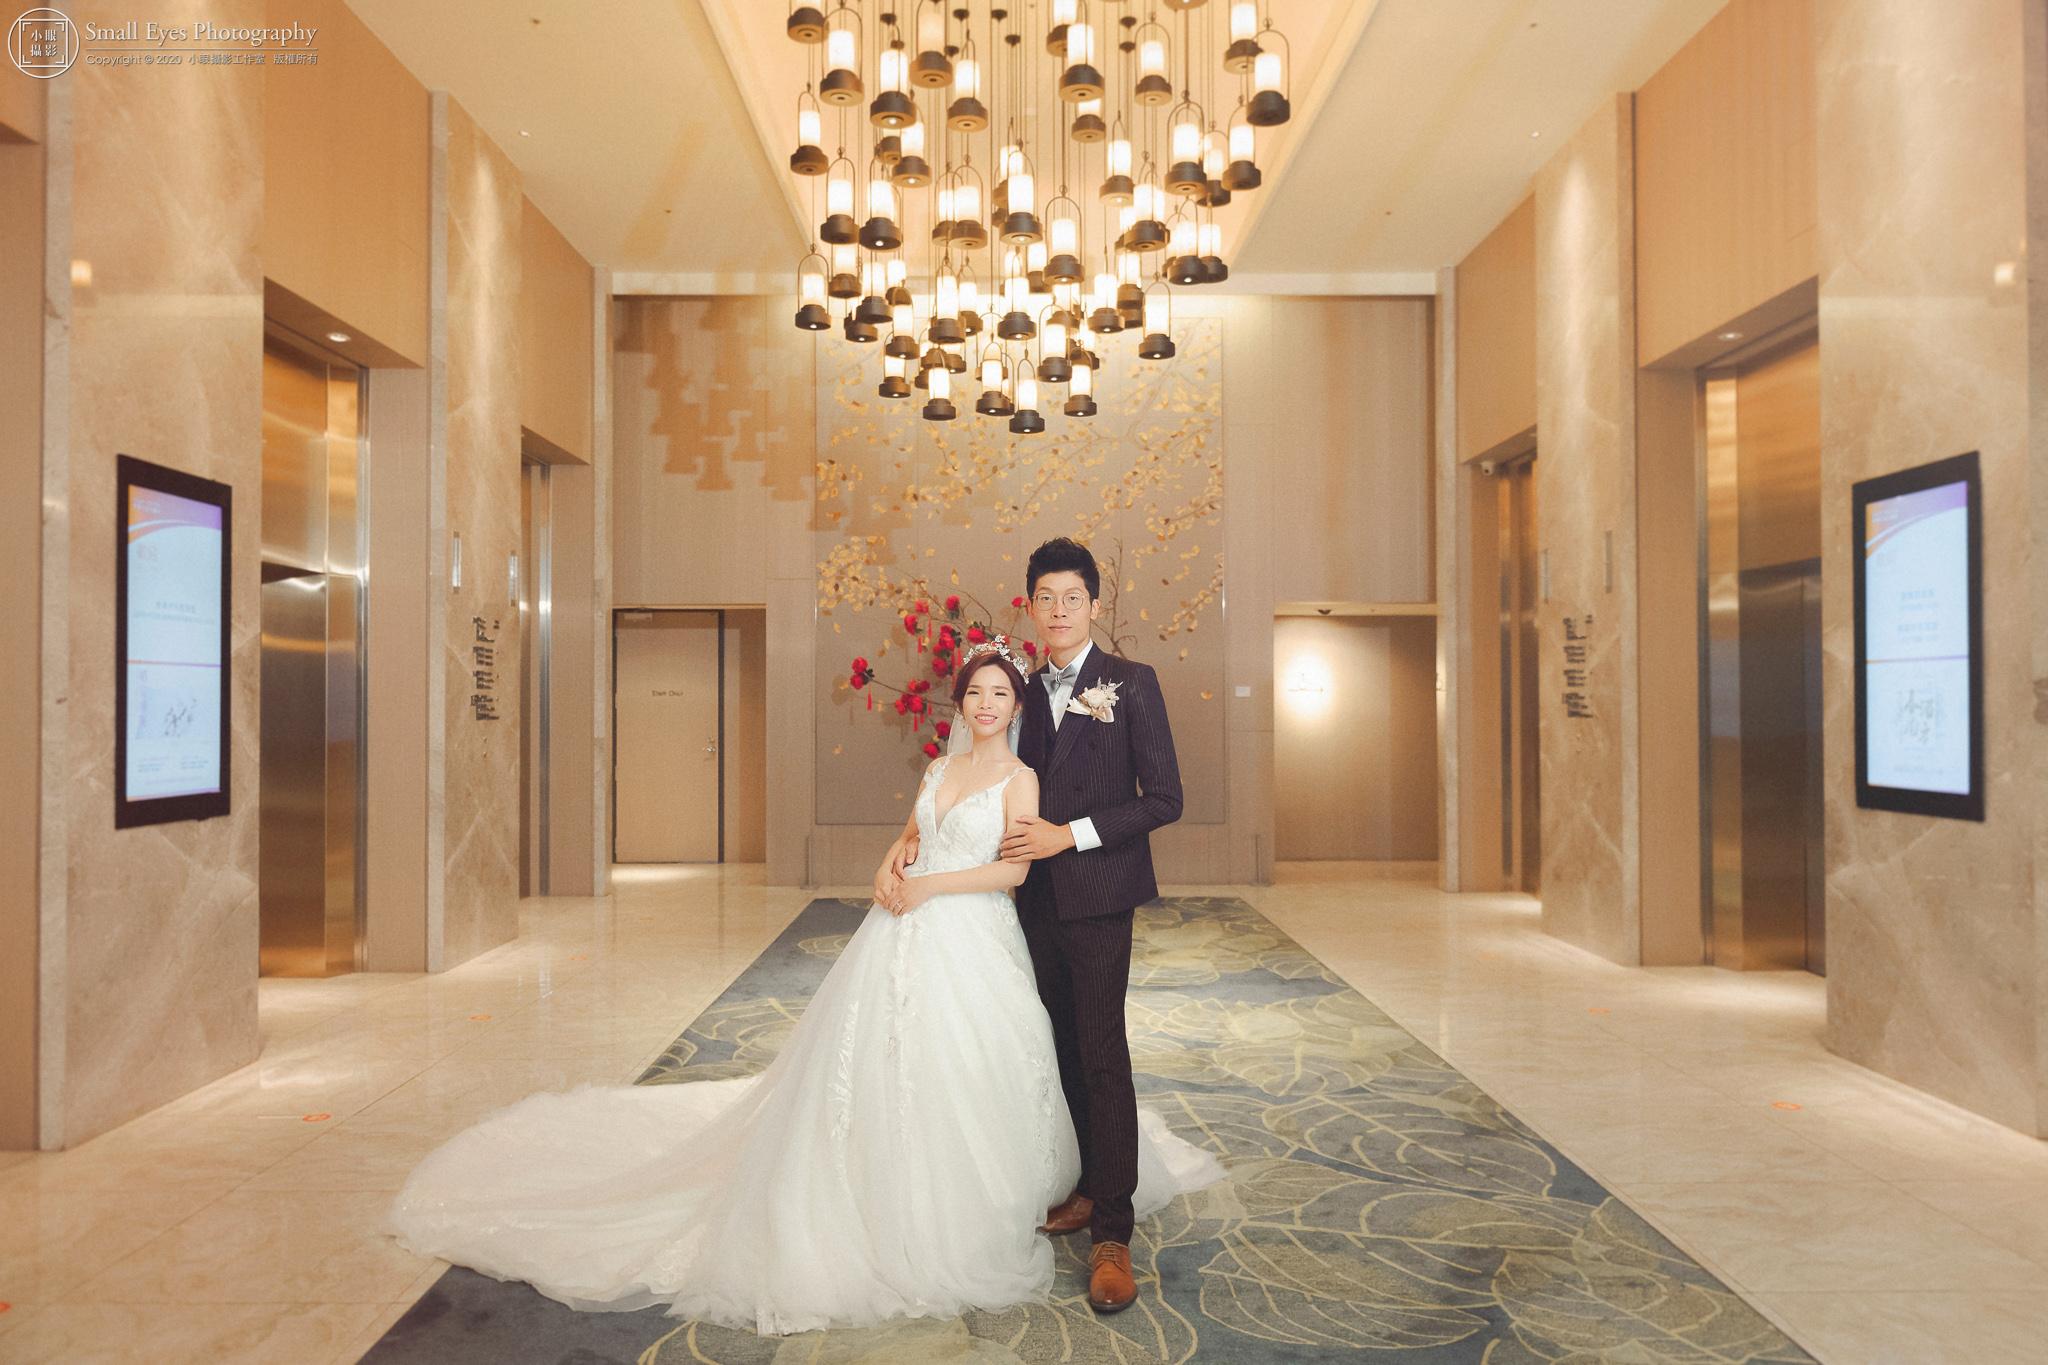 【婚禮紀實】婚攝小眼 - 立丞 & 薏竹 - 婚禮紀錄 @格萊天漾大飯店